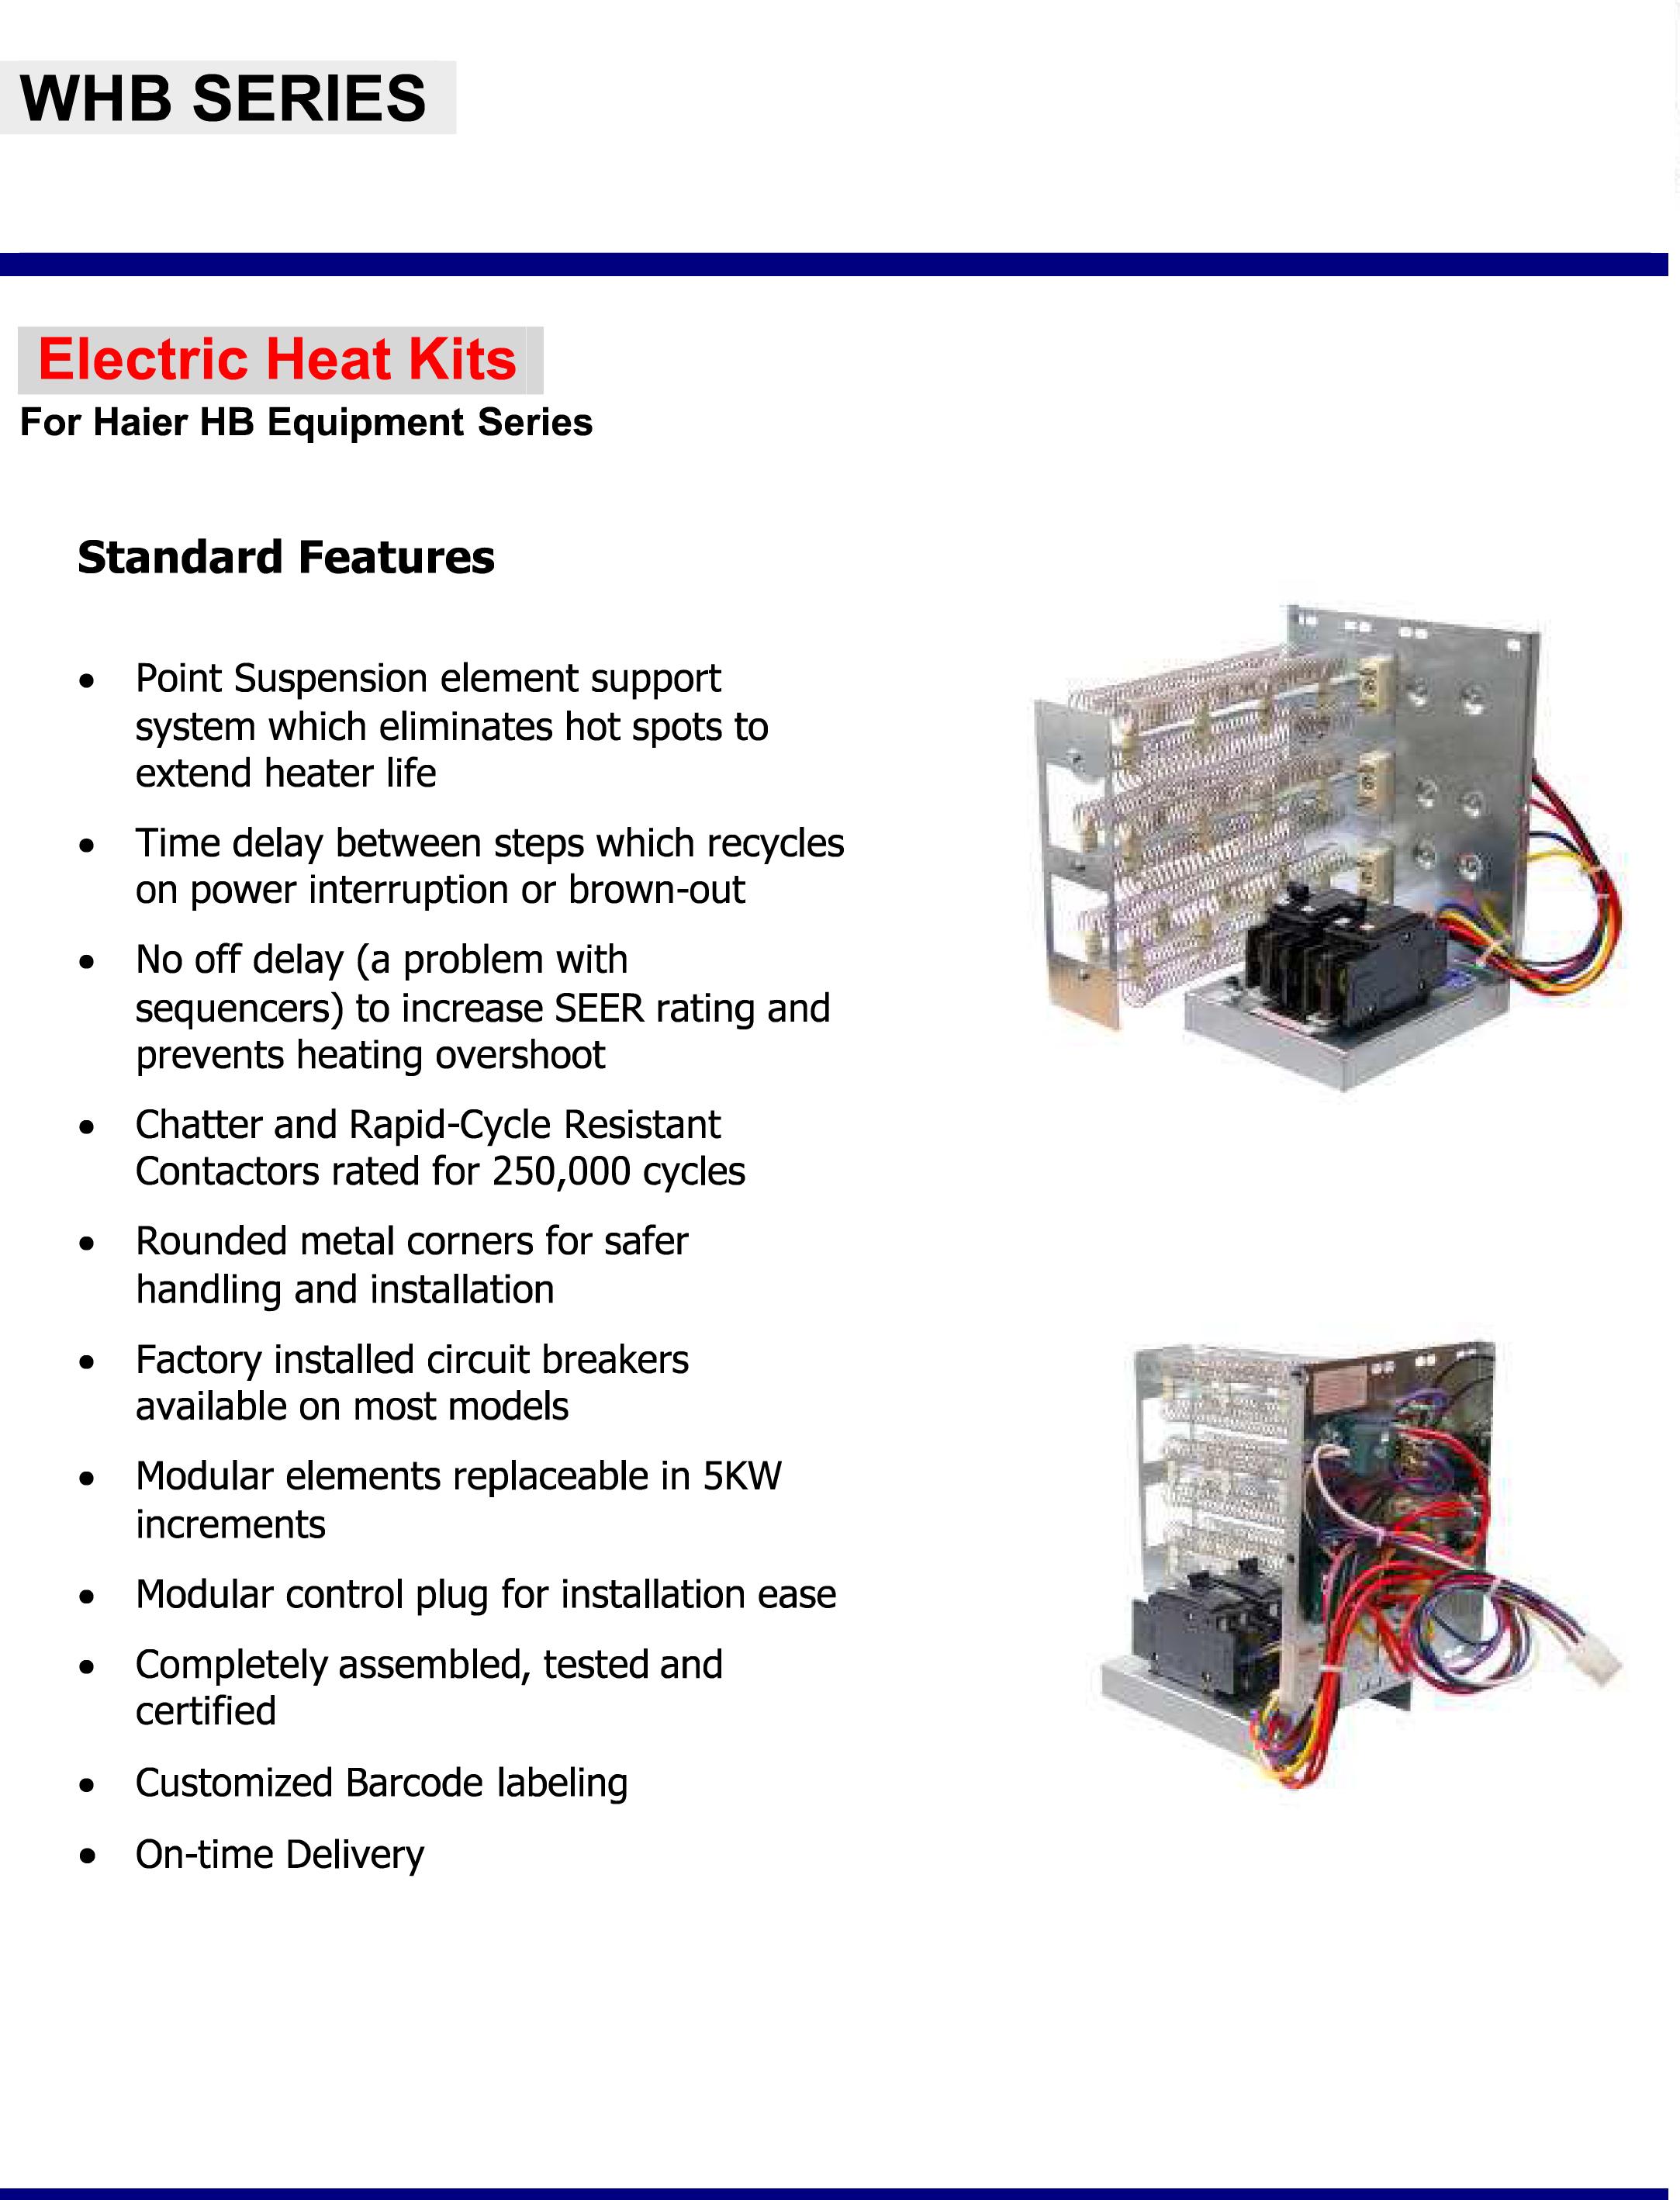 15 Kw Breakered Heat Strip For Haier Air Handlers Hb 2400